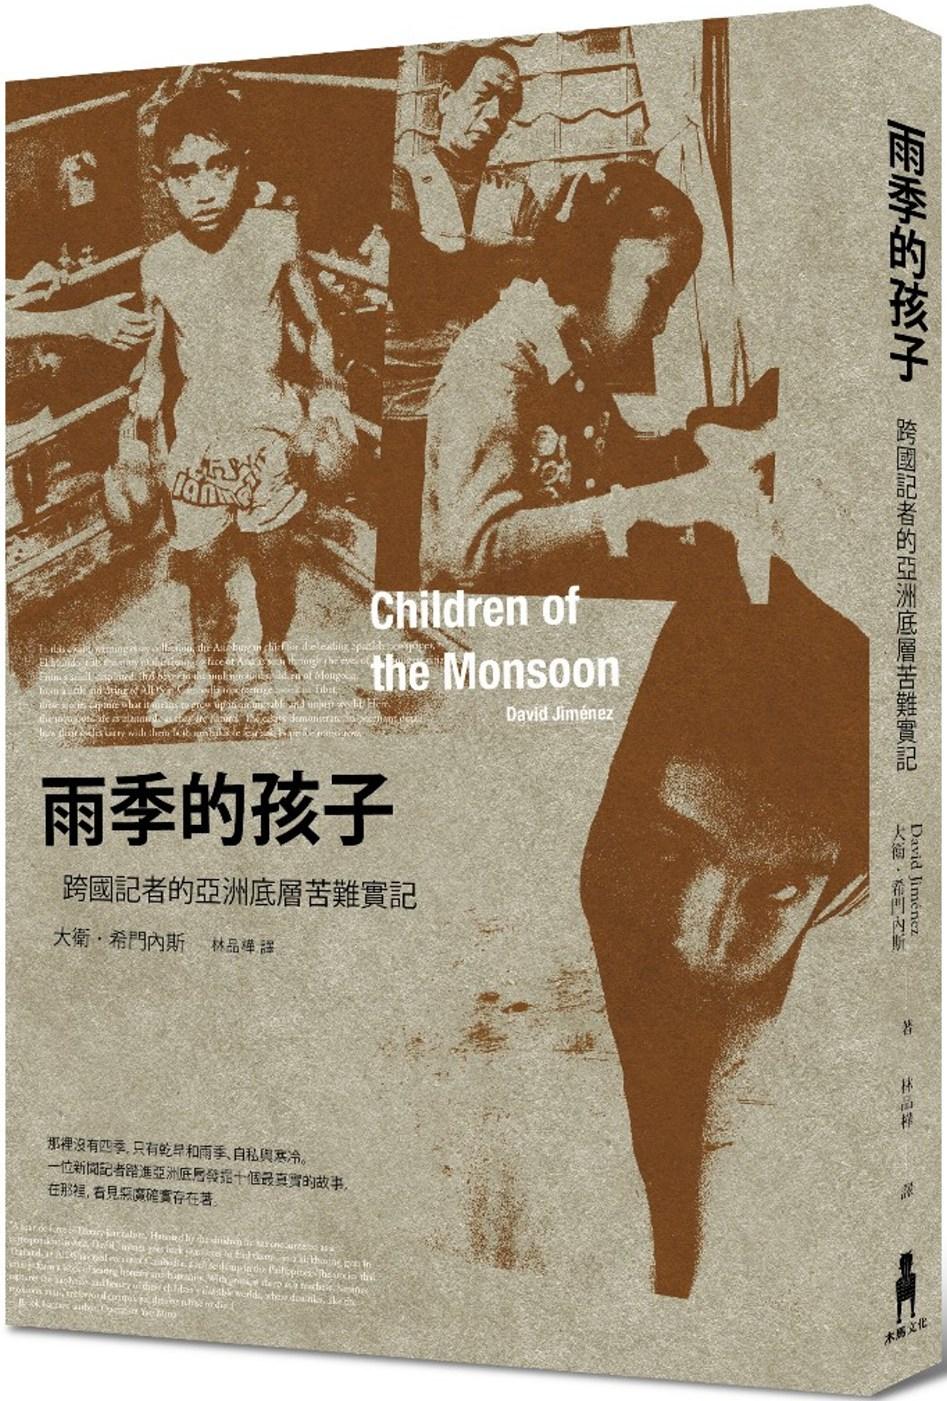 雨季的孩子:跨國記者的亞洲底層苦難實記